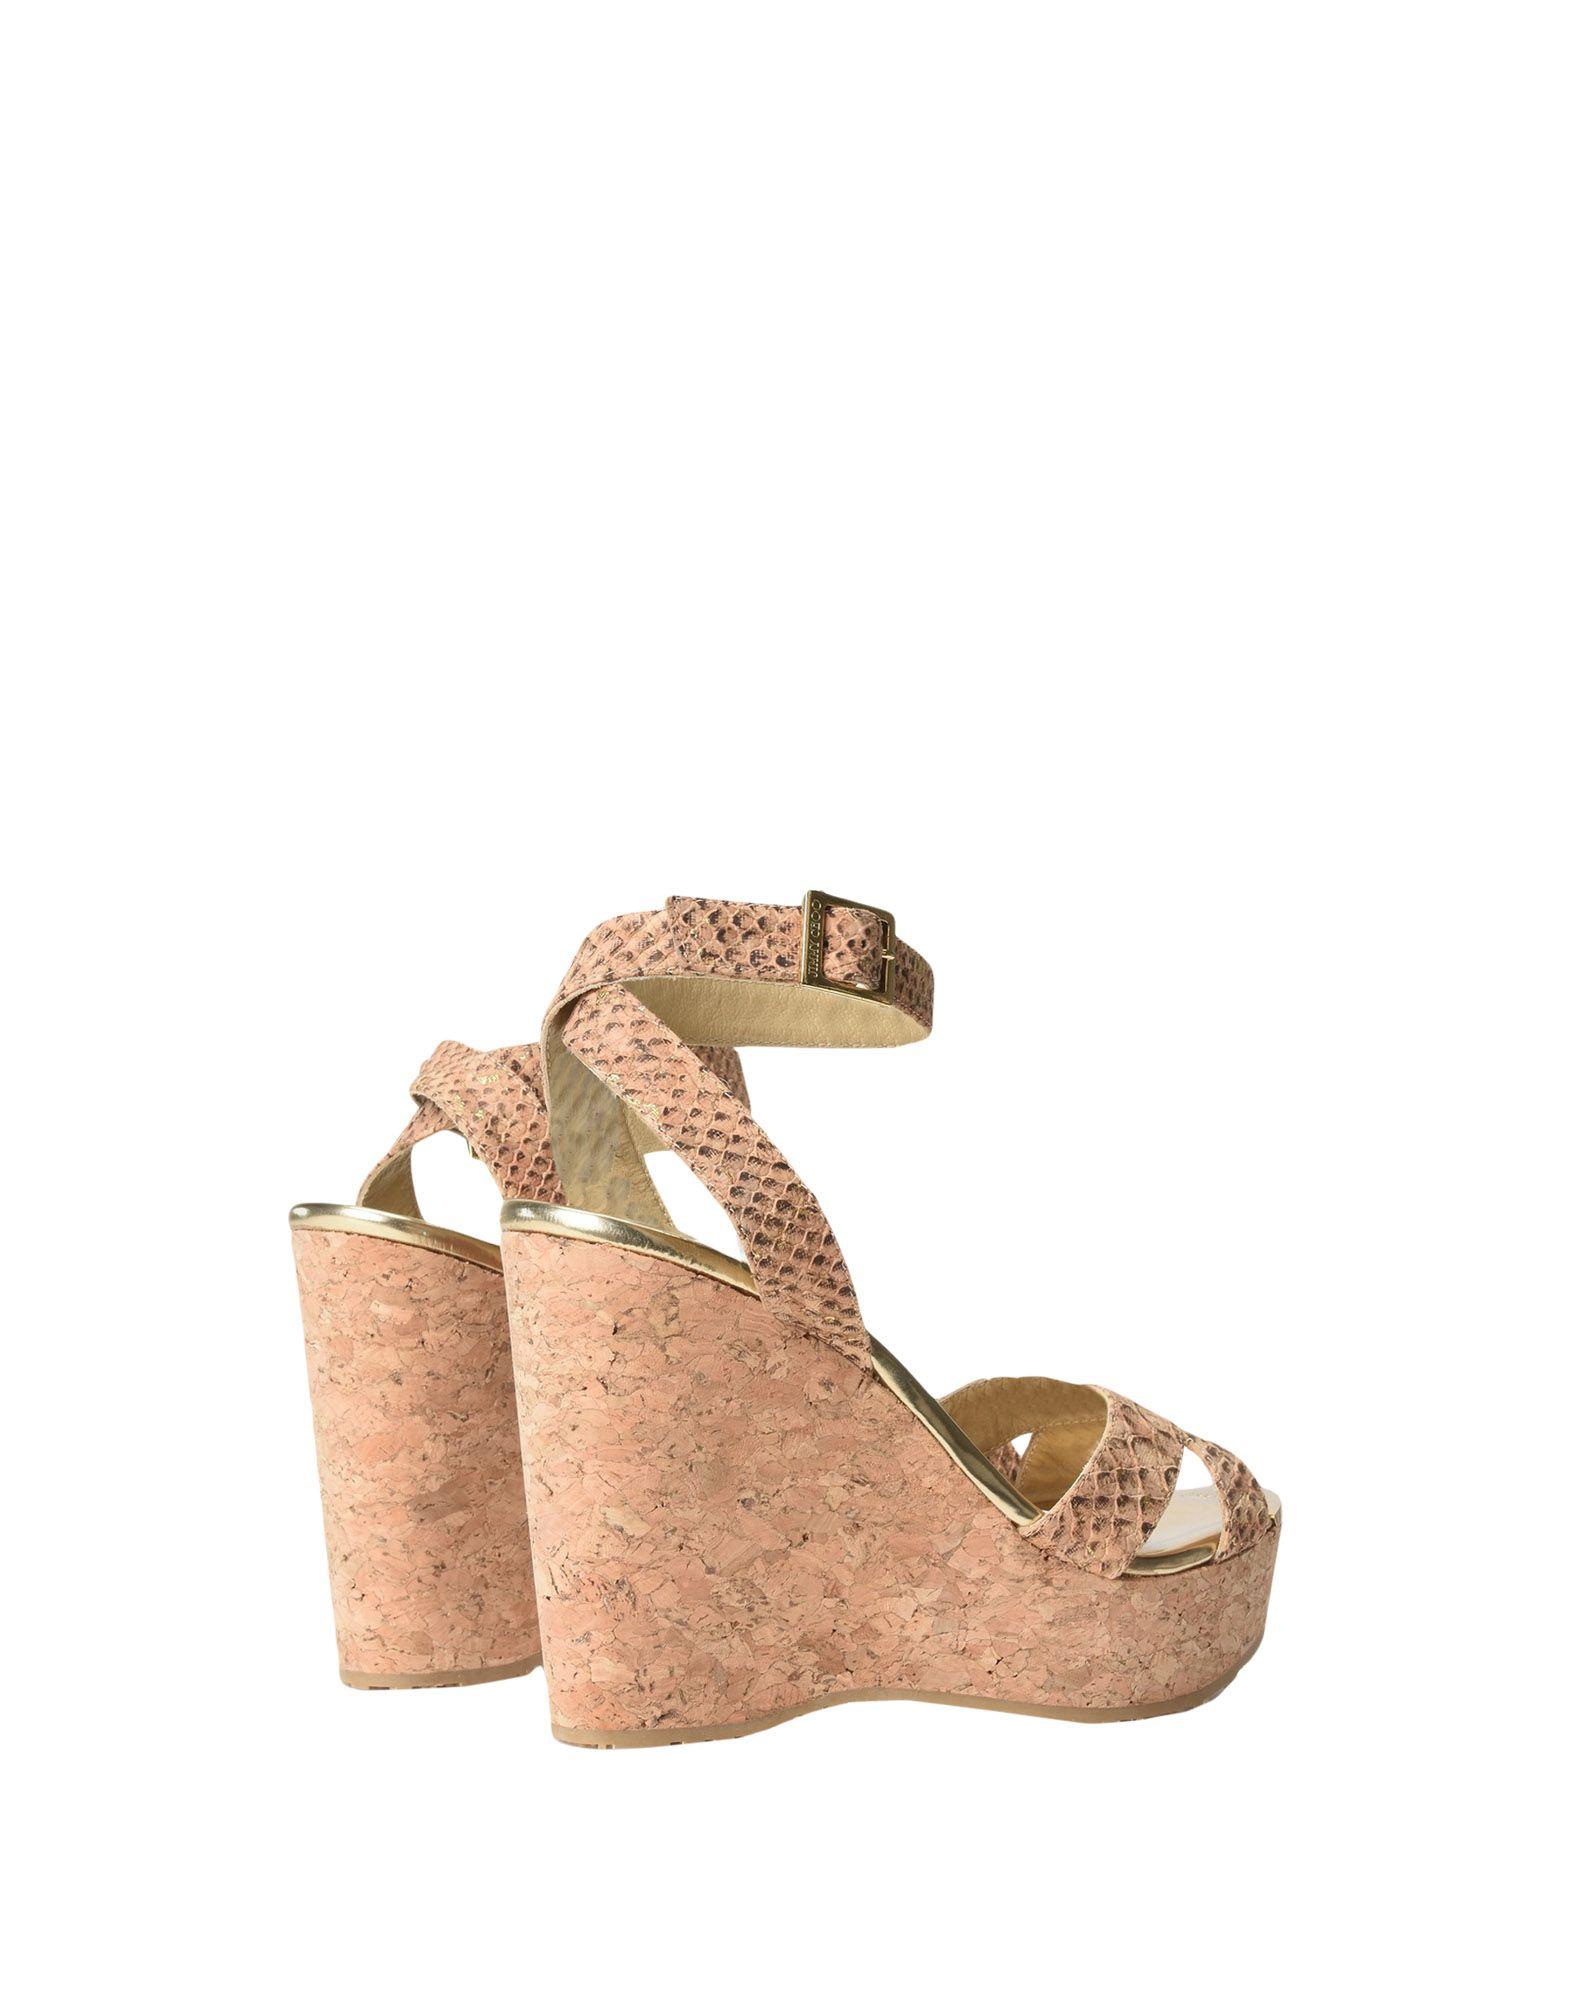 Jimmy Damen Choo Sandalen Damen Jimmy  11479039DJ Beliebte Schuhe 143fea